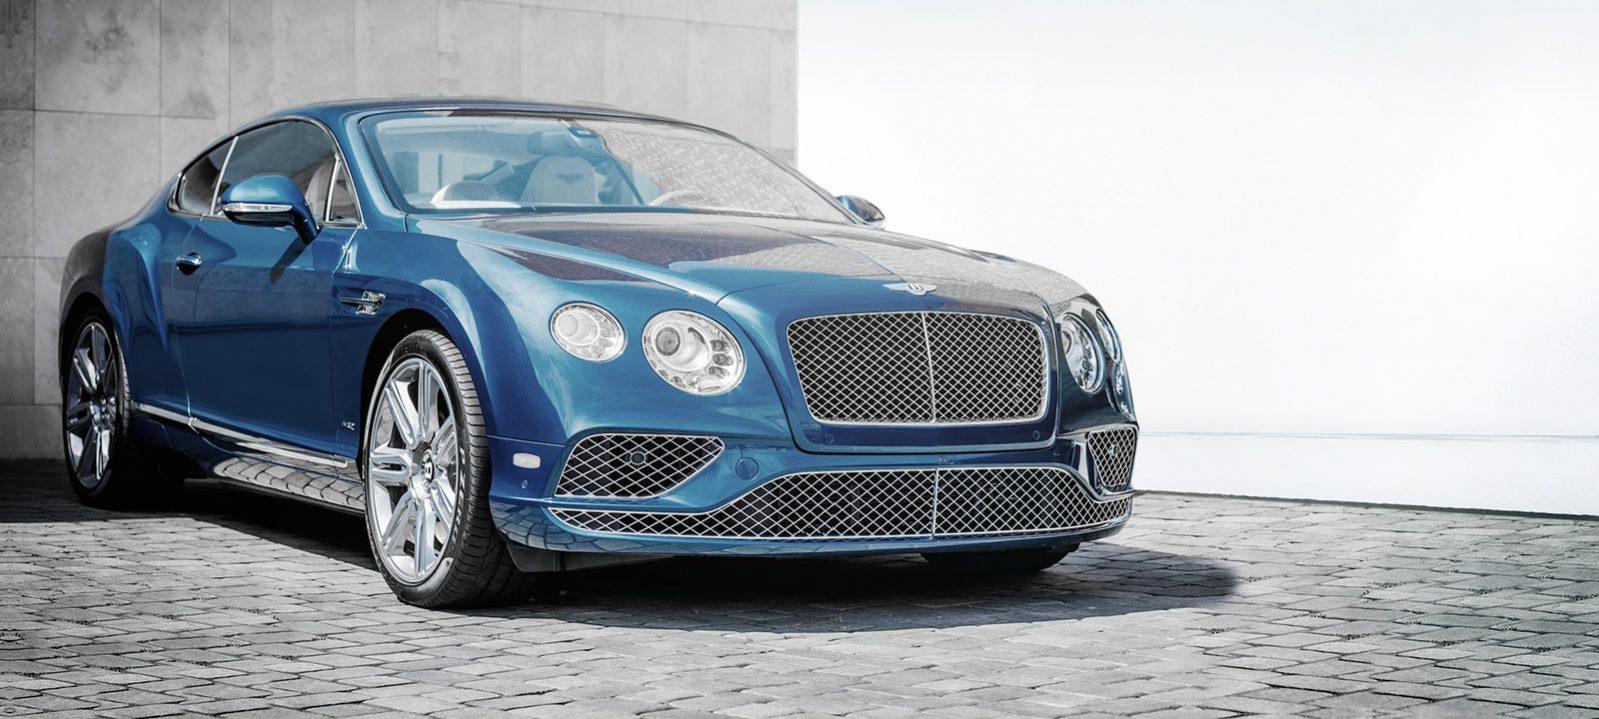 Used Bentley For Sale UK